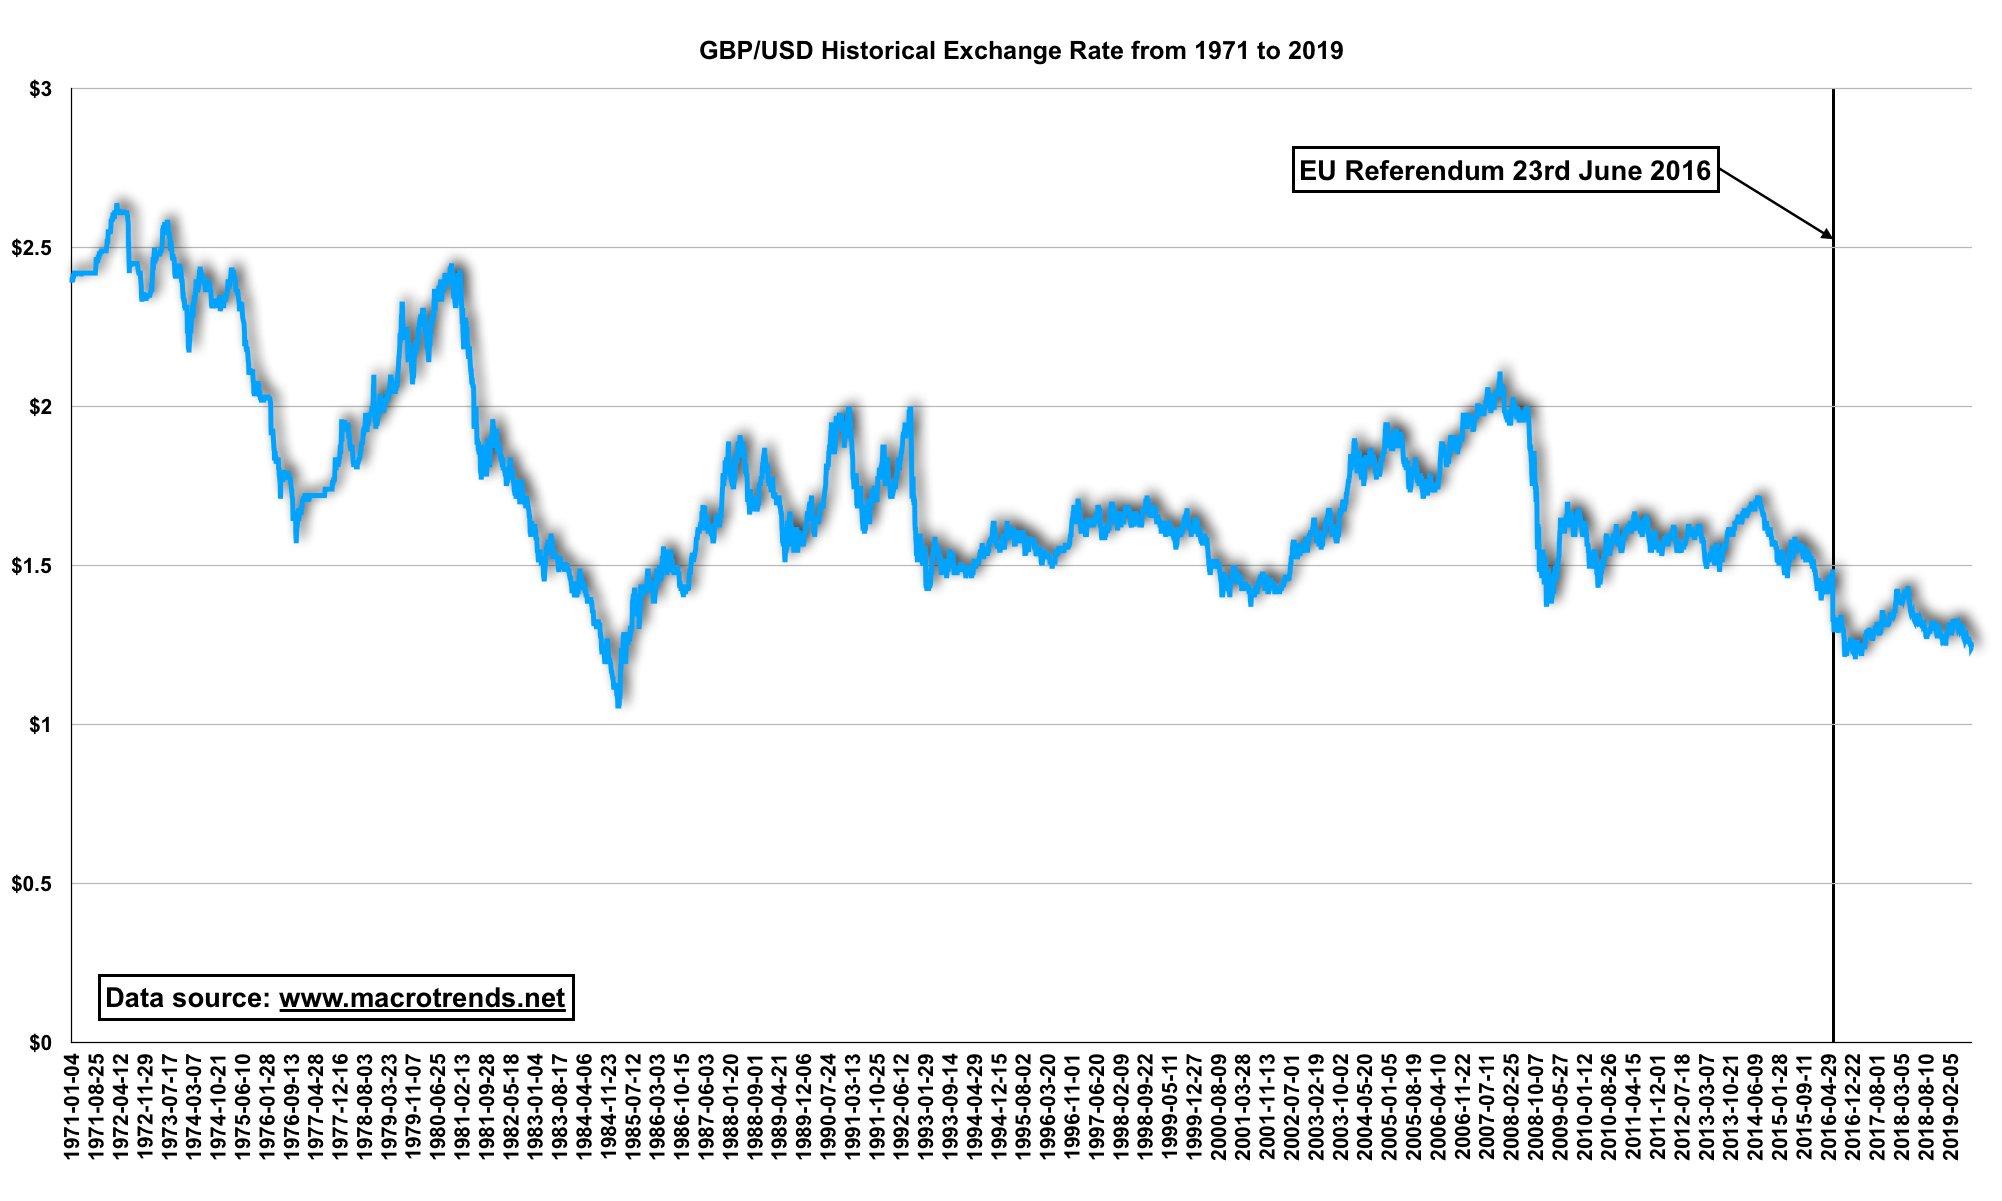 GBP-USD 1971-2019